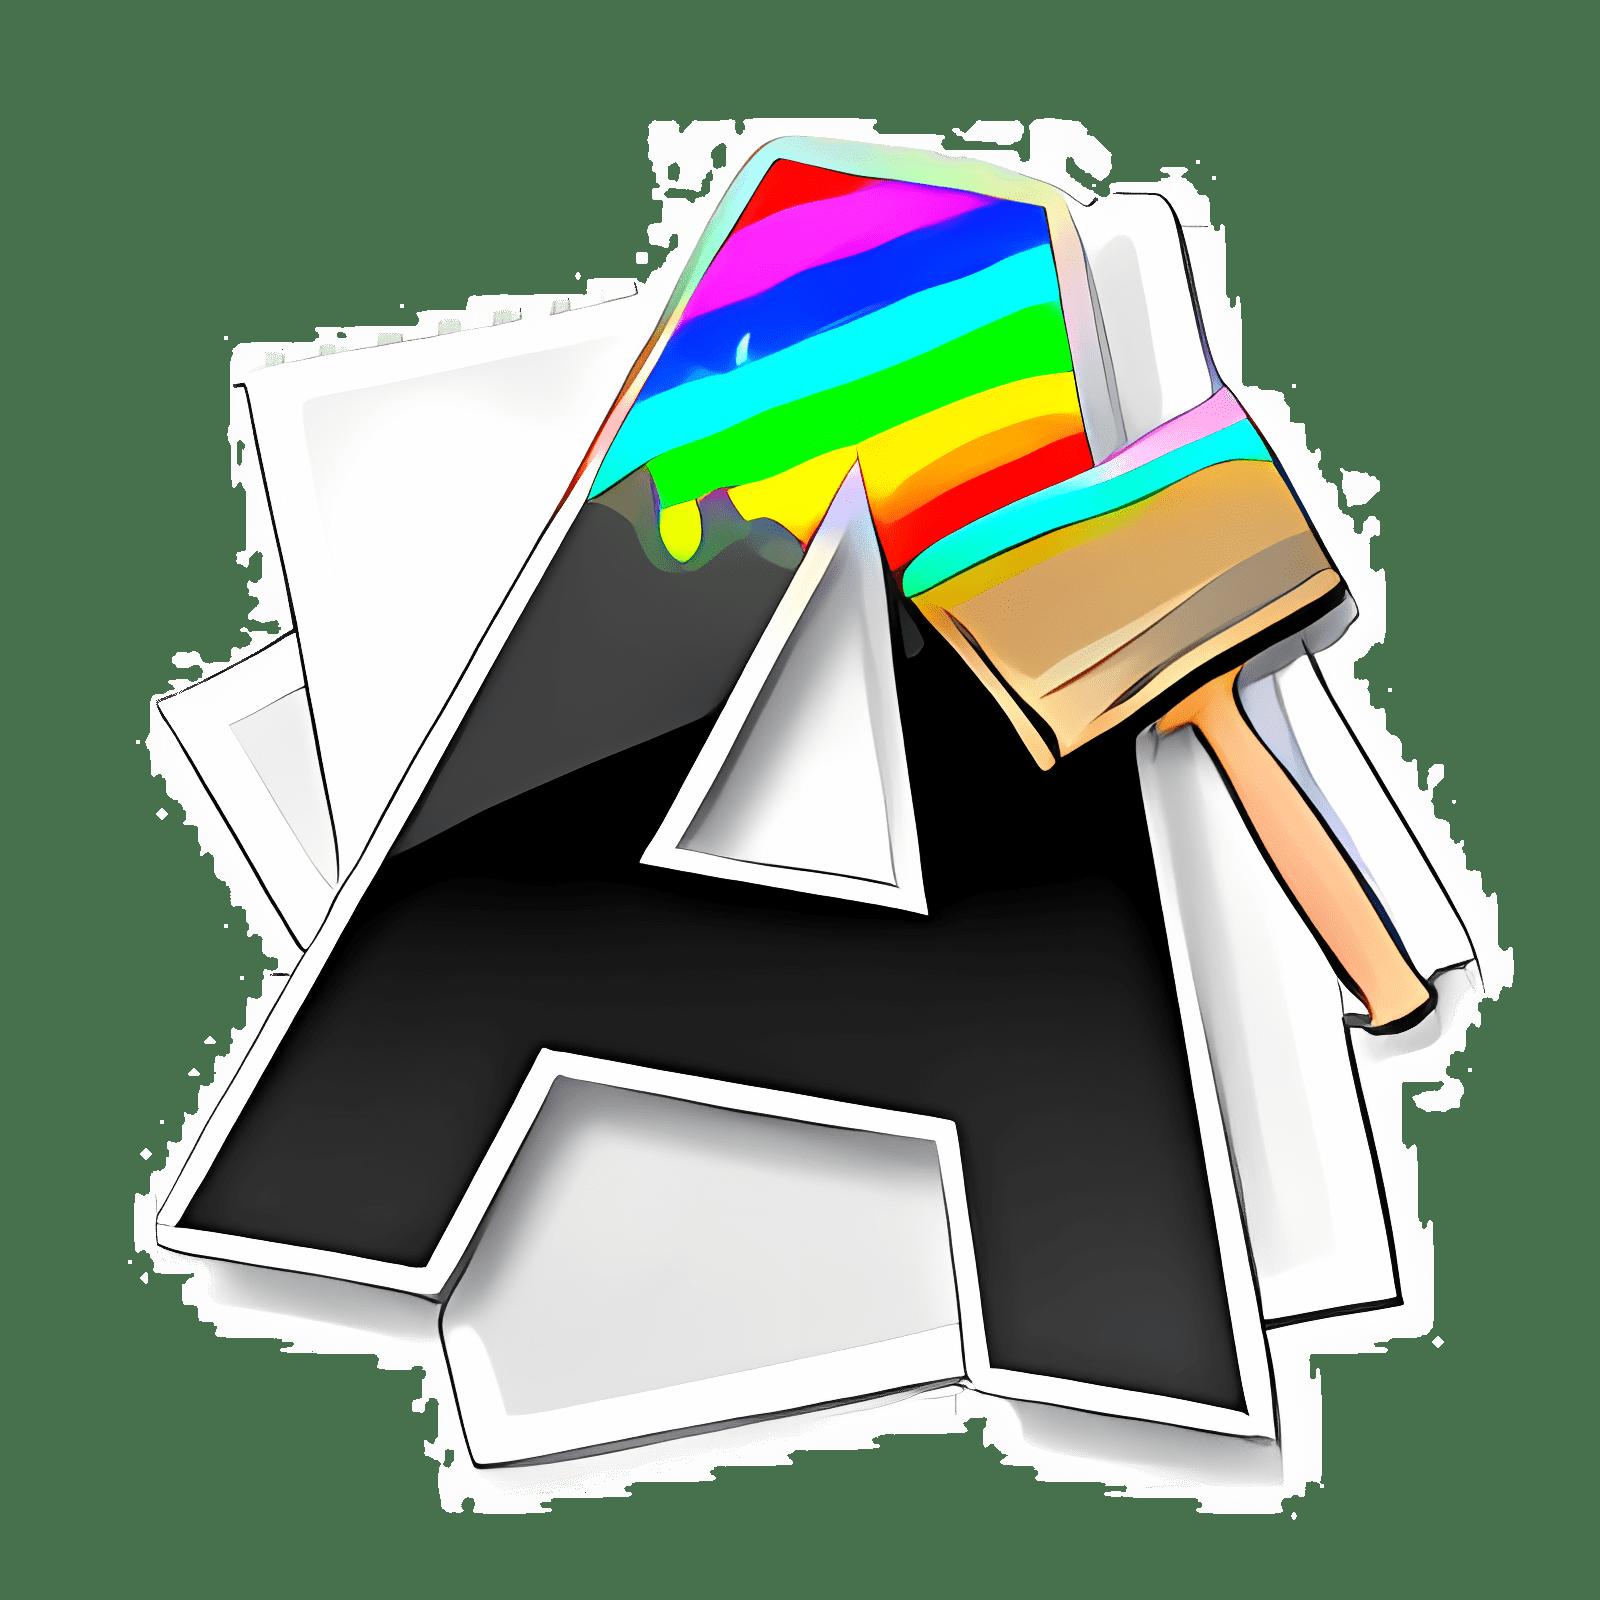 RainbowText